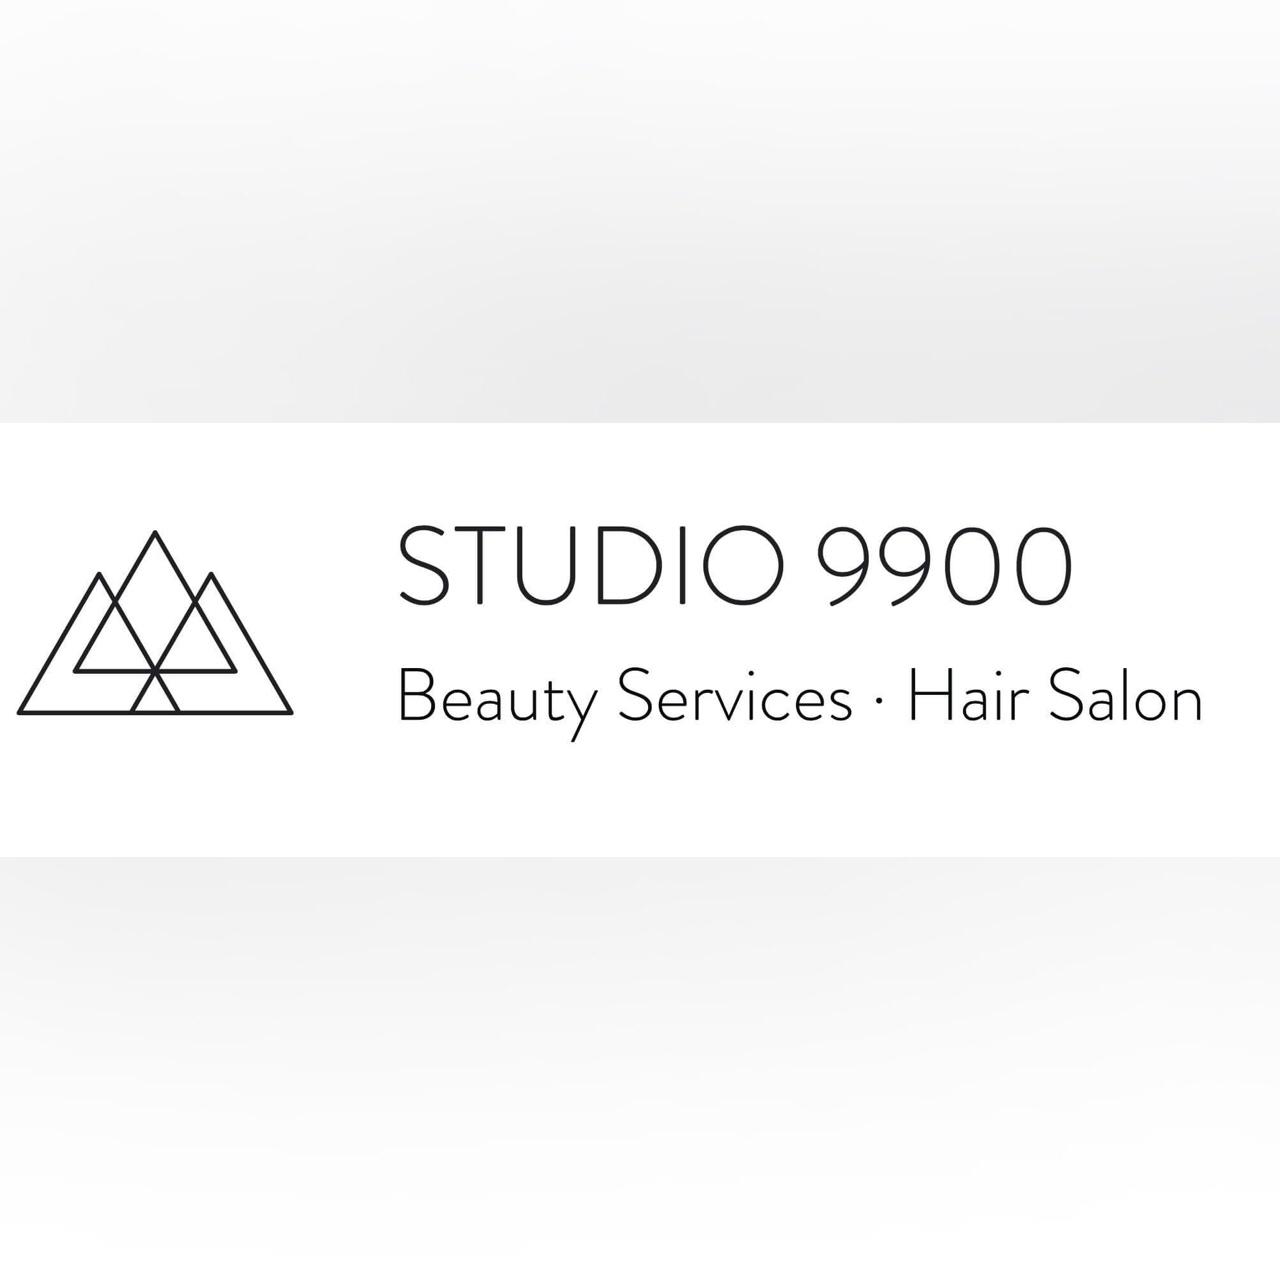 Hair salon studio 9900 albuquerque new mexico - Albuquerque hair salon ...